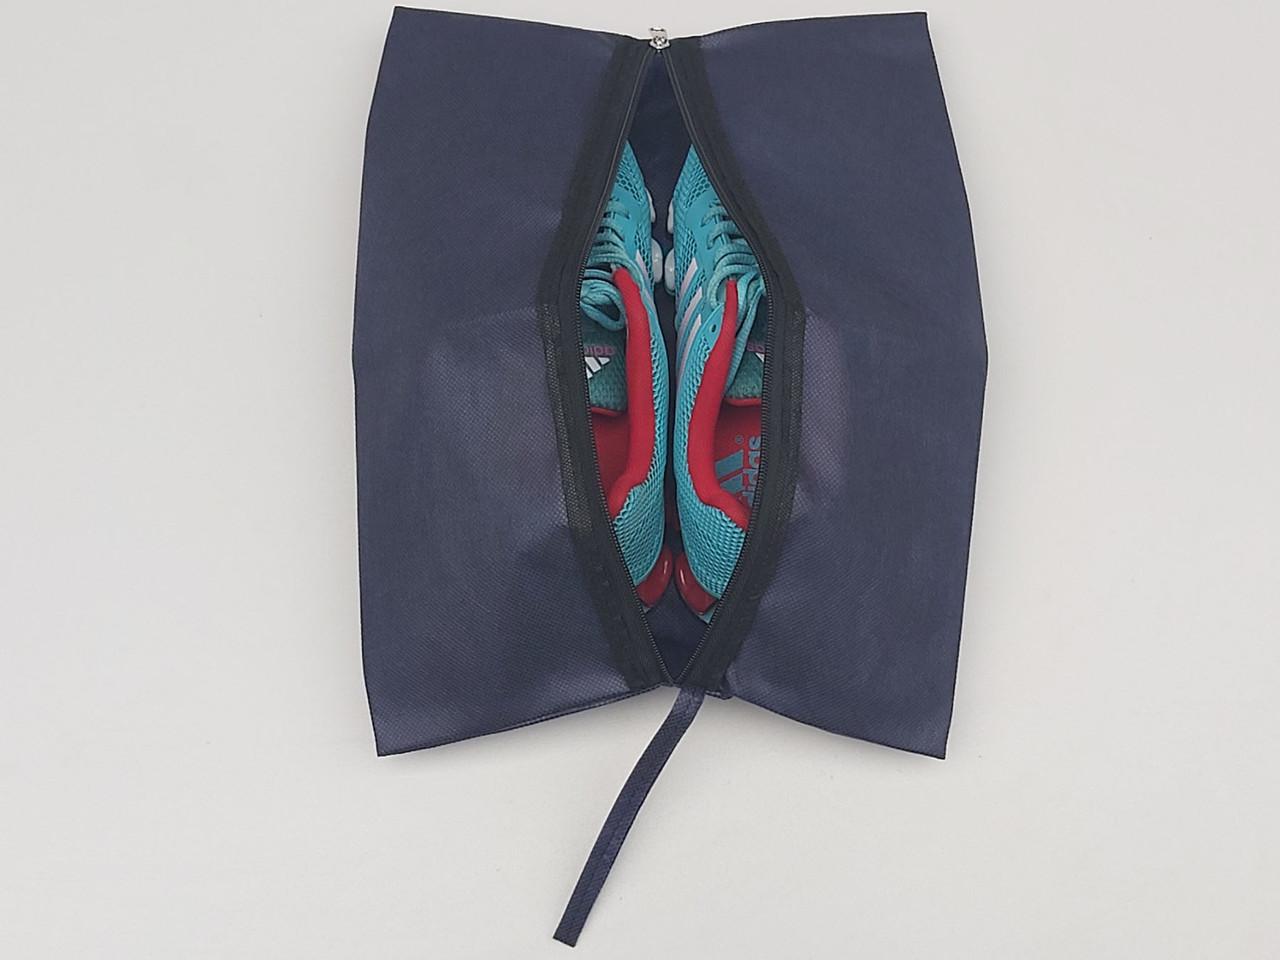 Чехол-сумка Ш 27*Д 38 см, темно-синего цвета для хранения и упаковки обуви